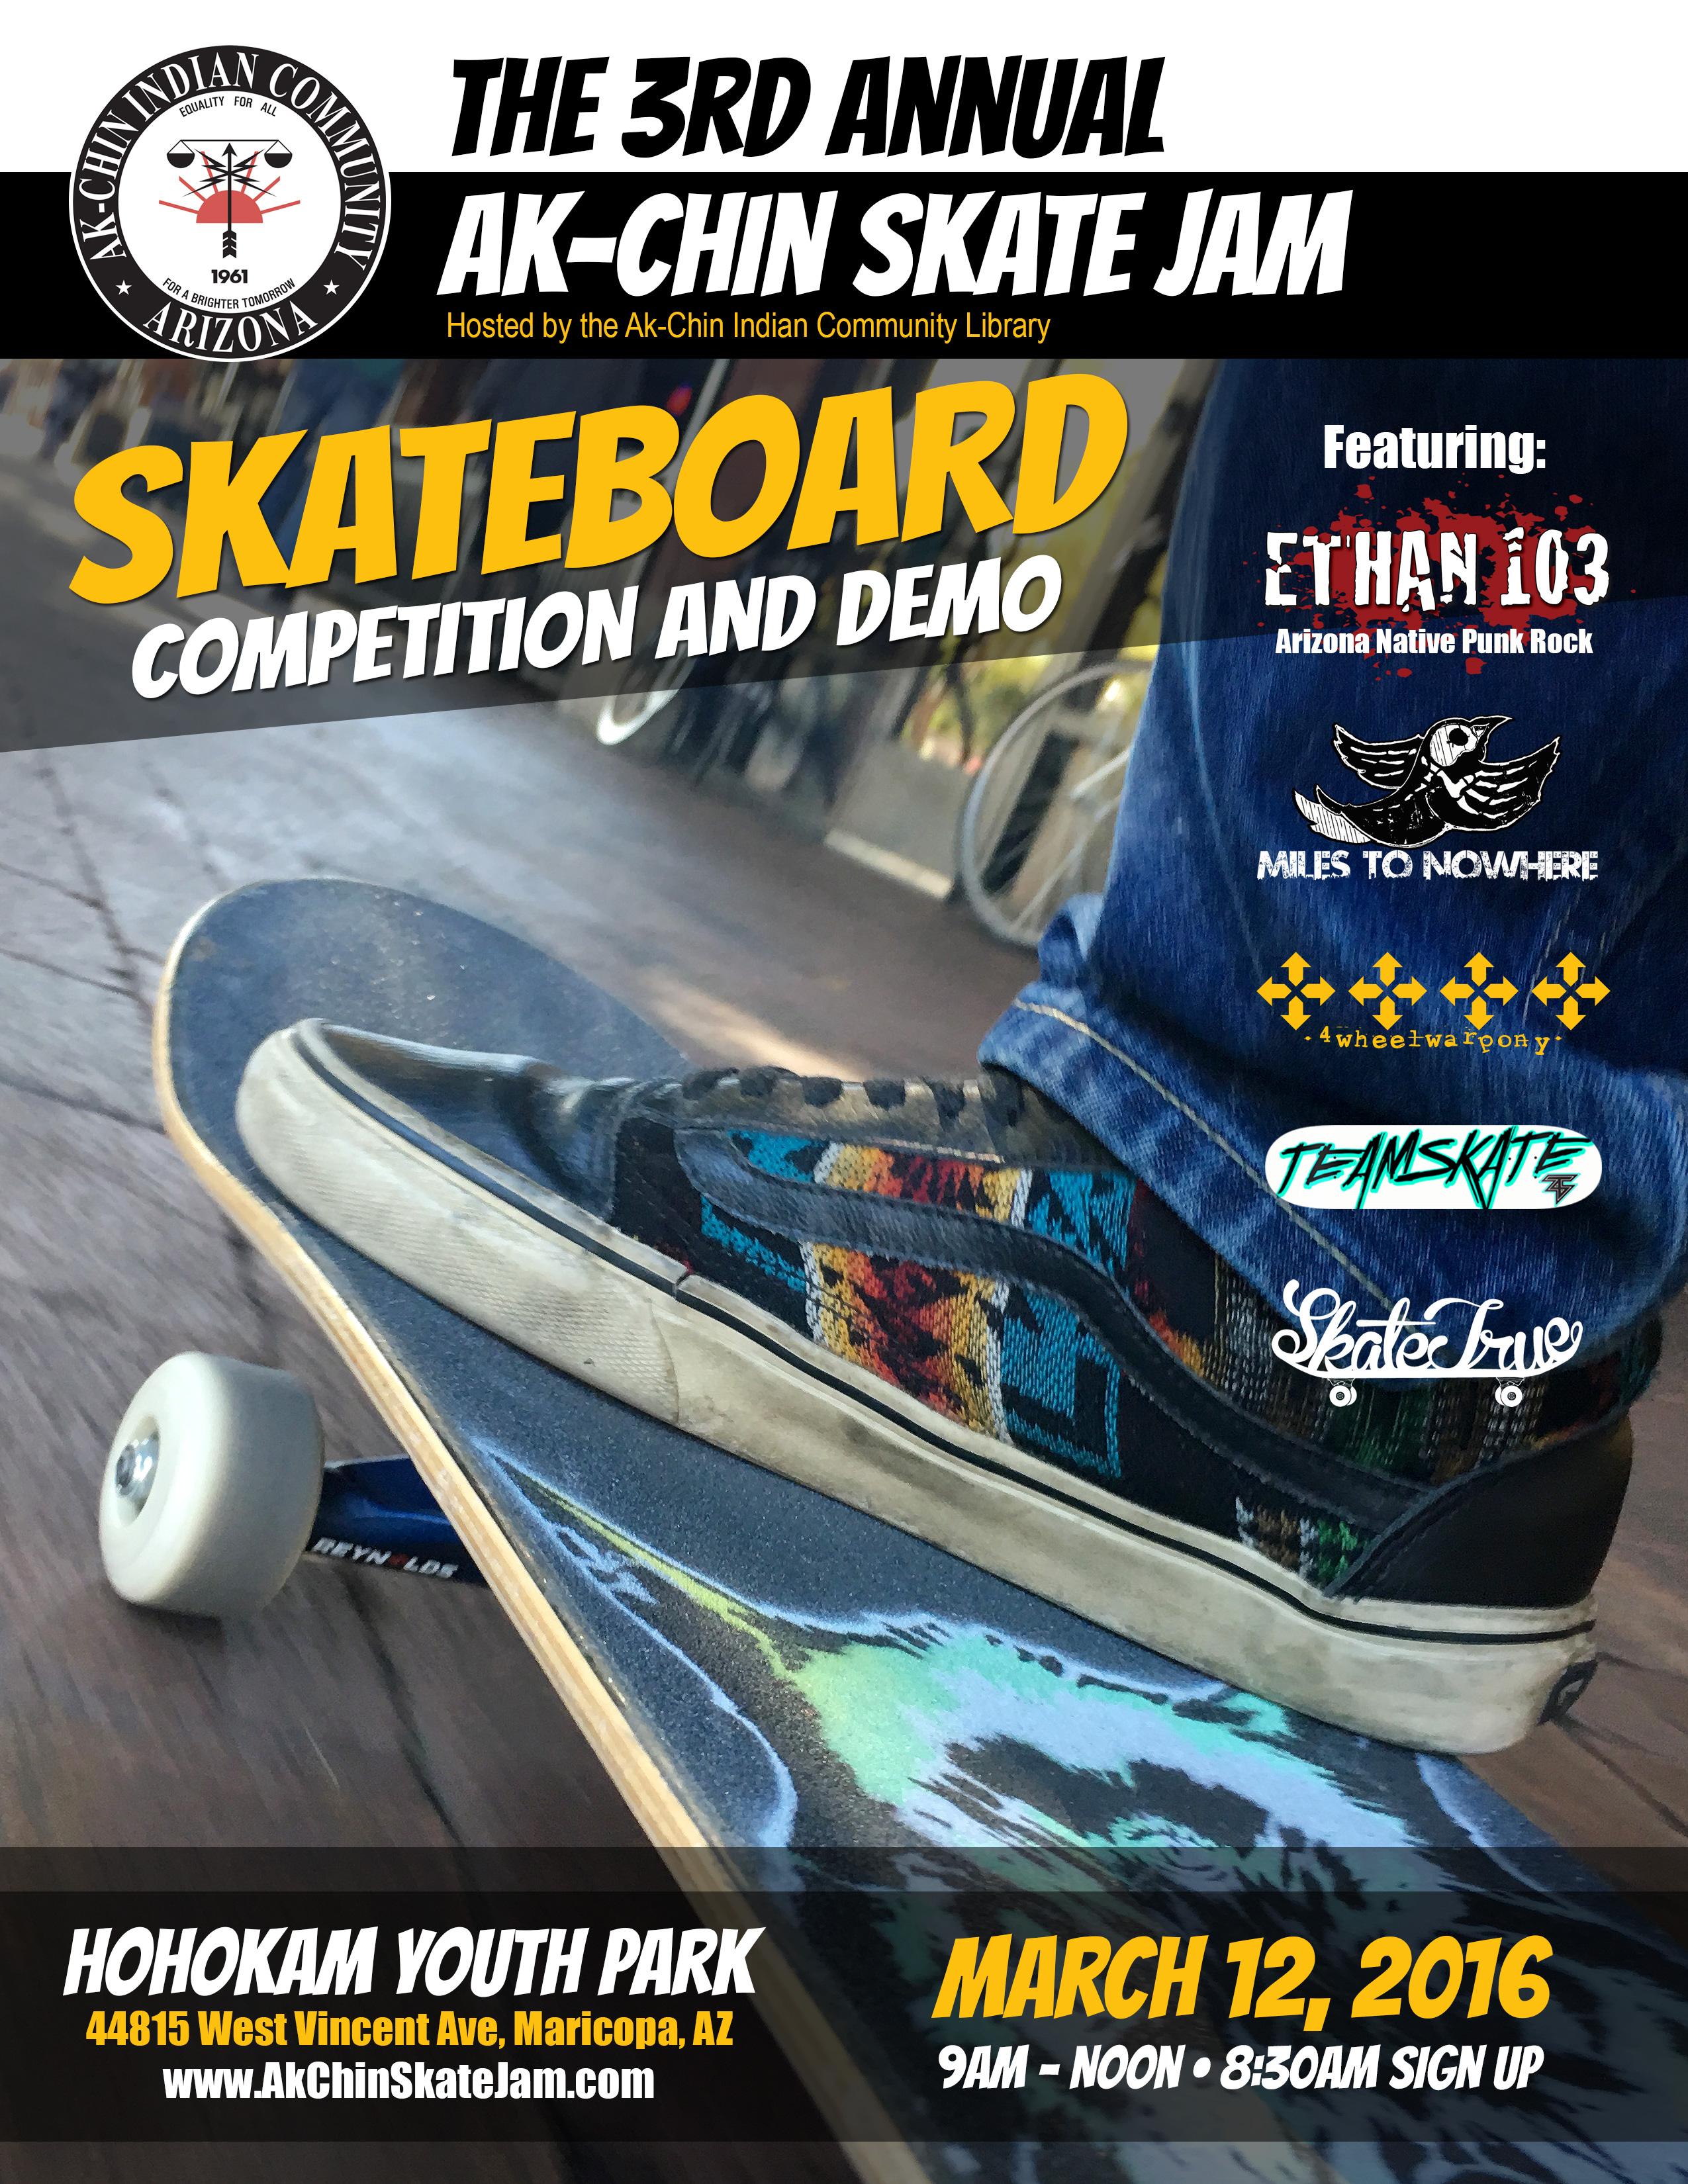 Ak-Chin Skate Jam